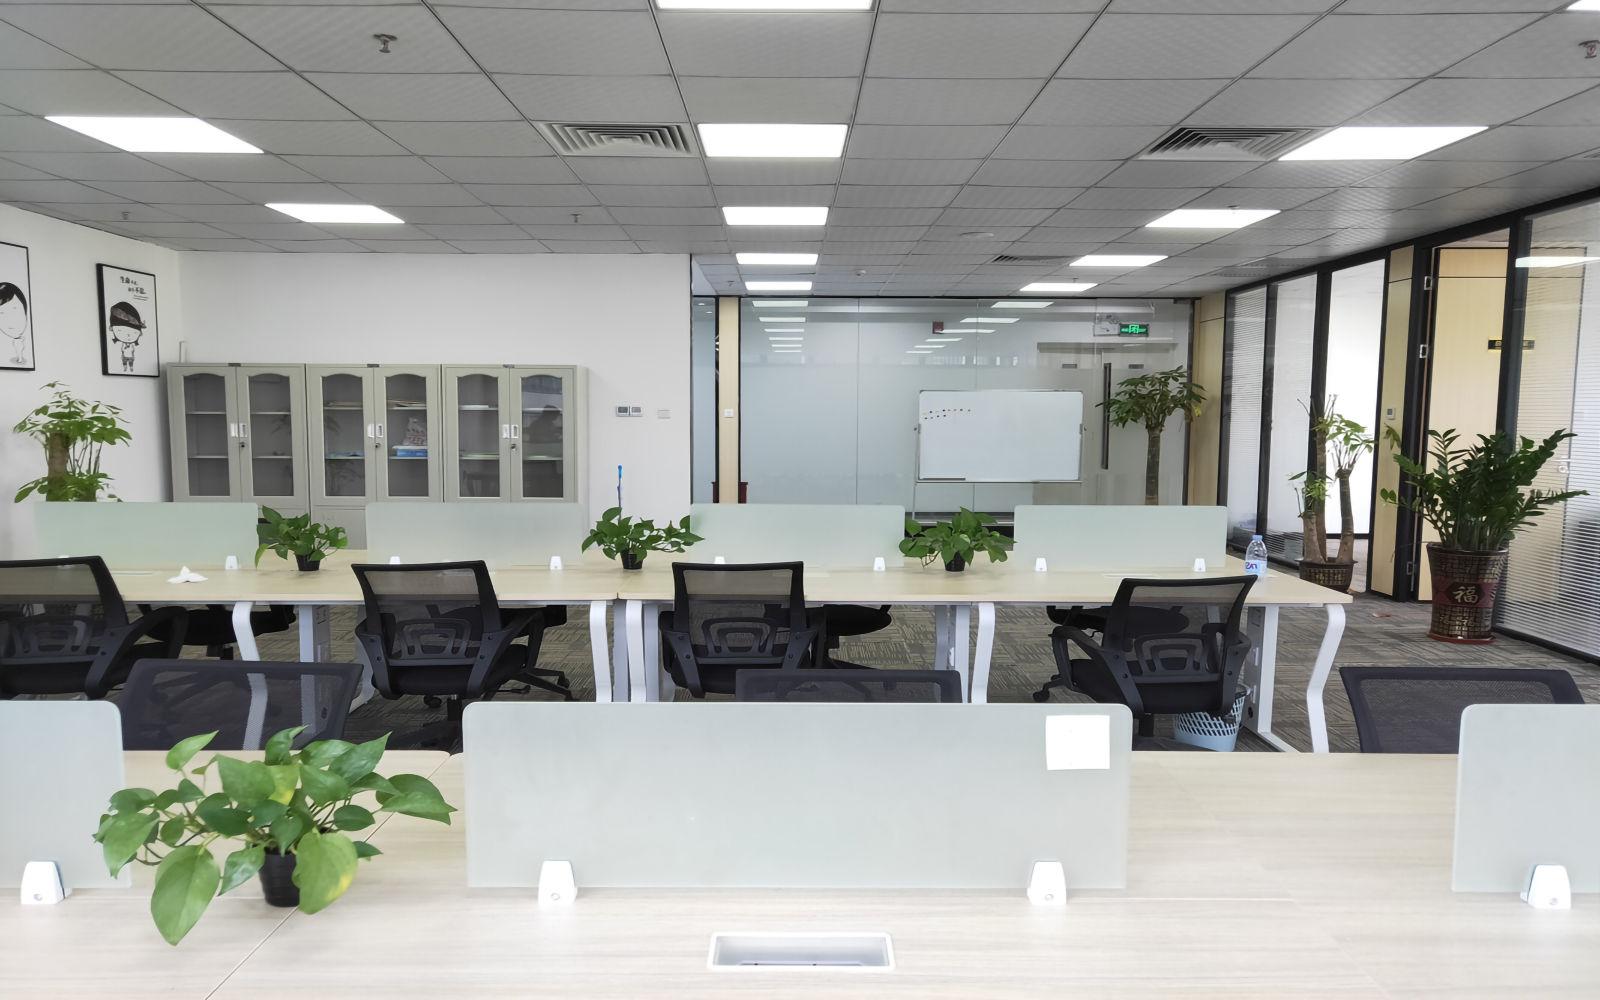 深圳办公室租赁业务怎么样呢?-咚咚租